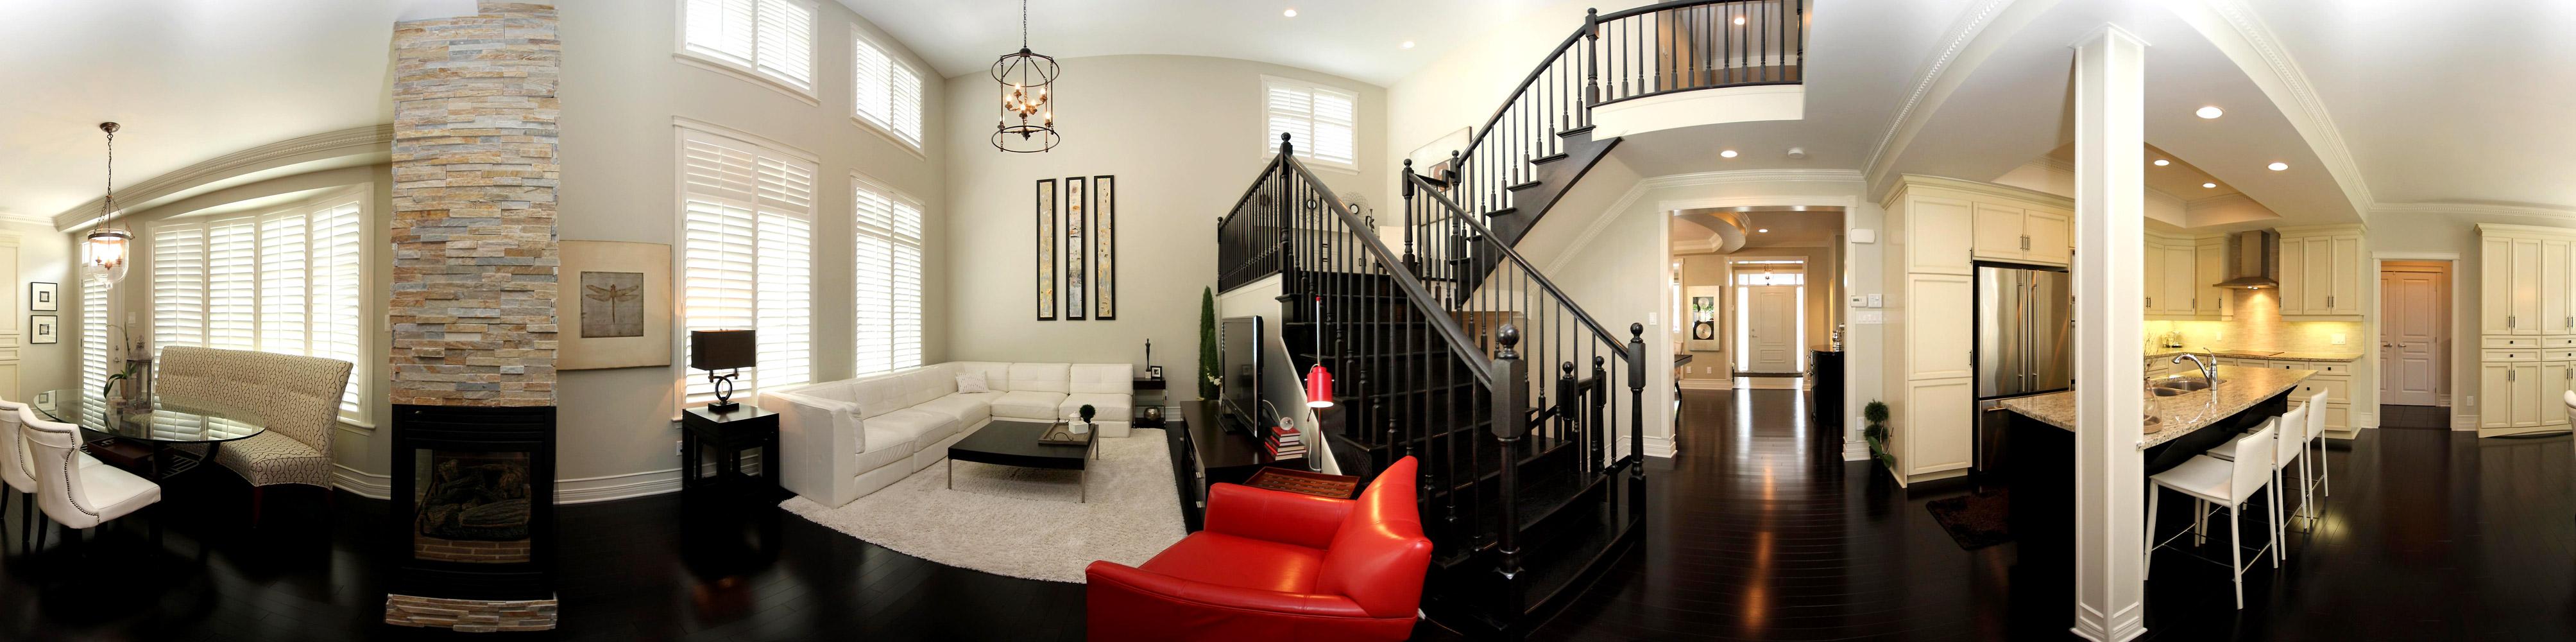 Residential Home Design - Open concept